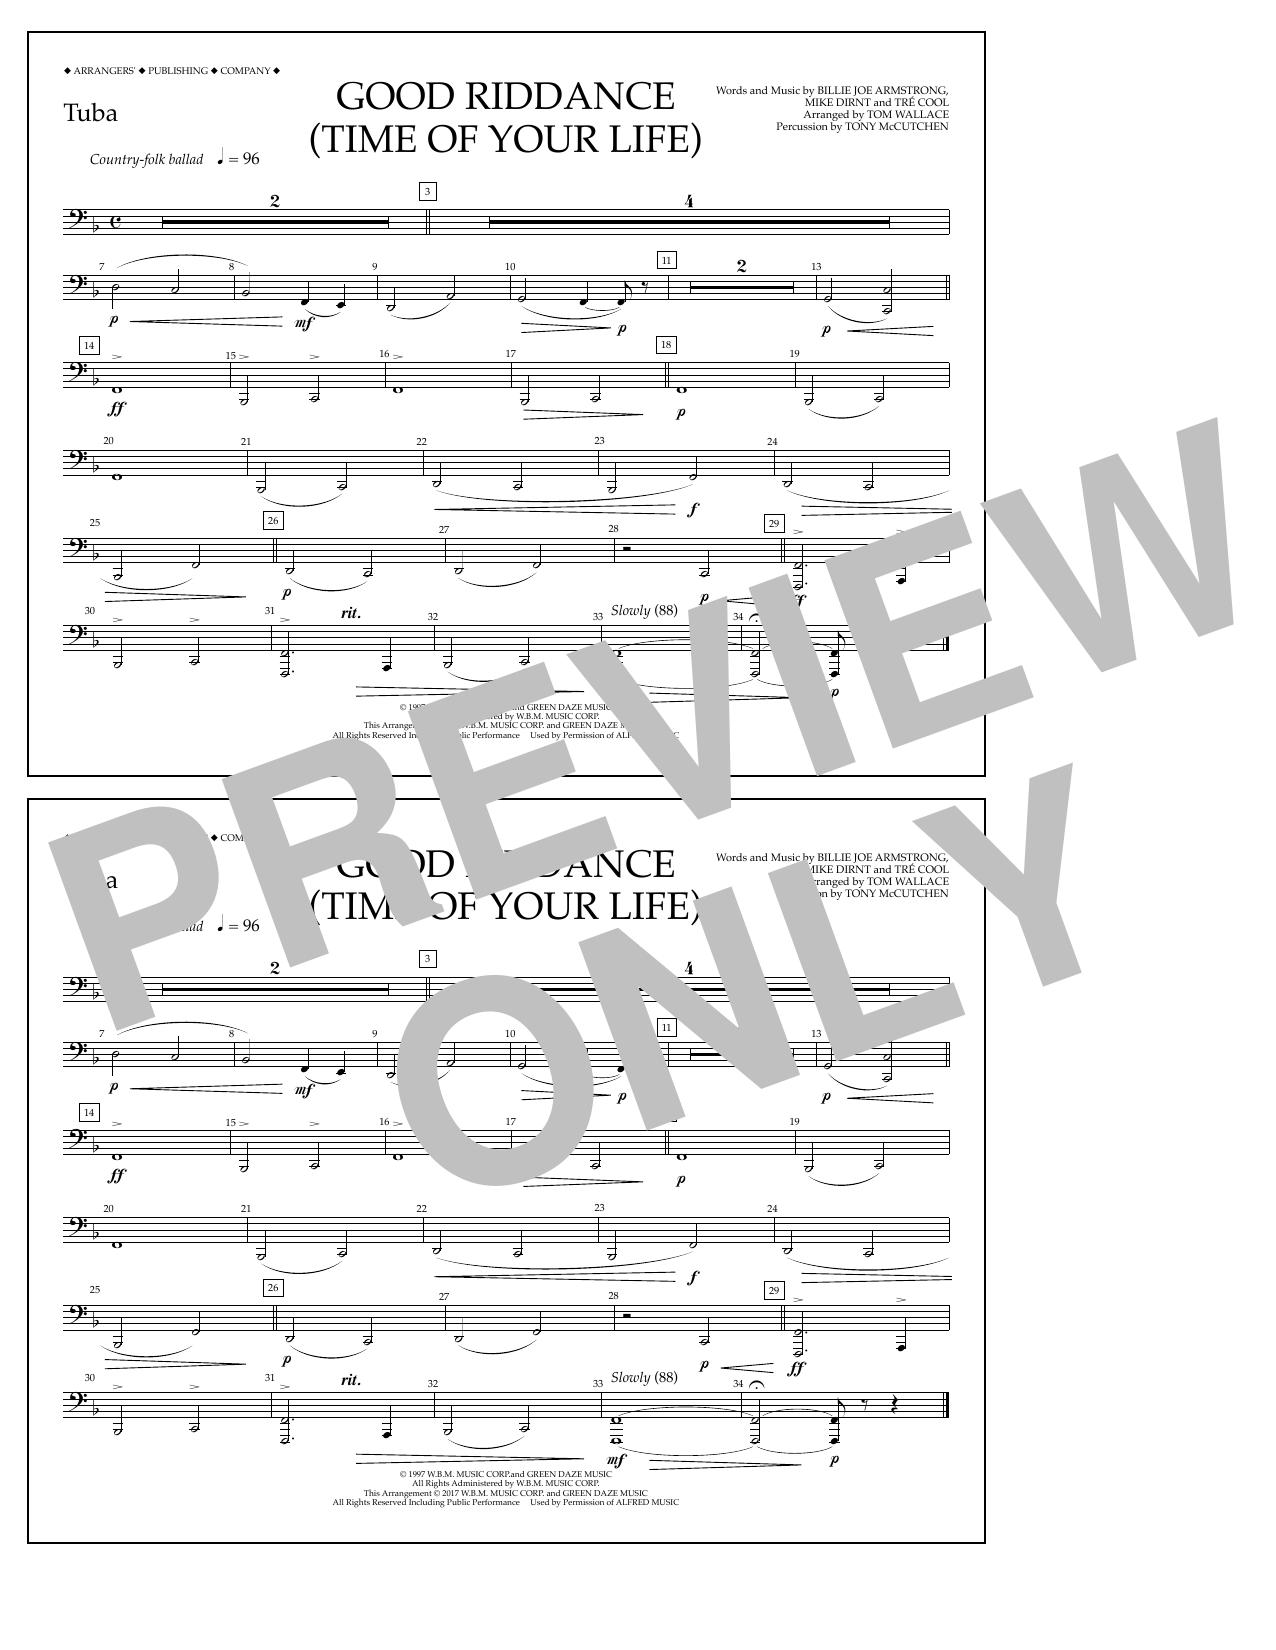 Good Riddance (Time of Your Life) - Tuba Sheet Music